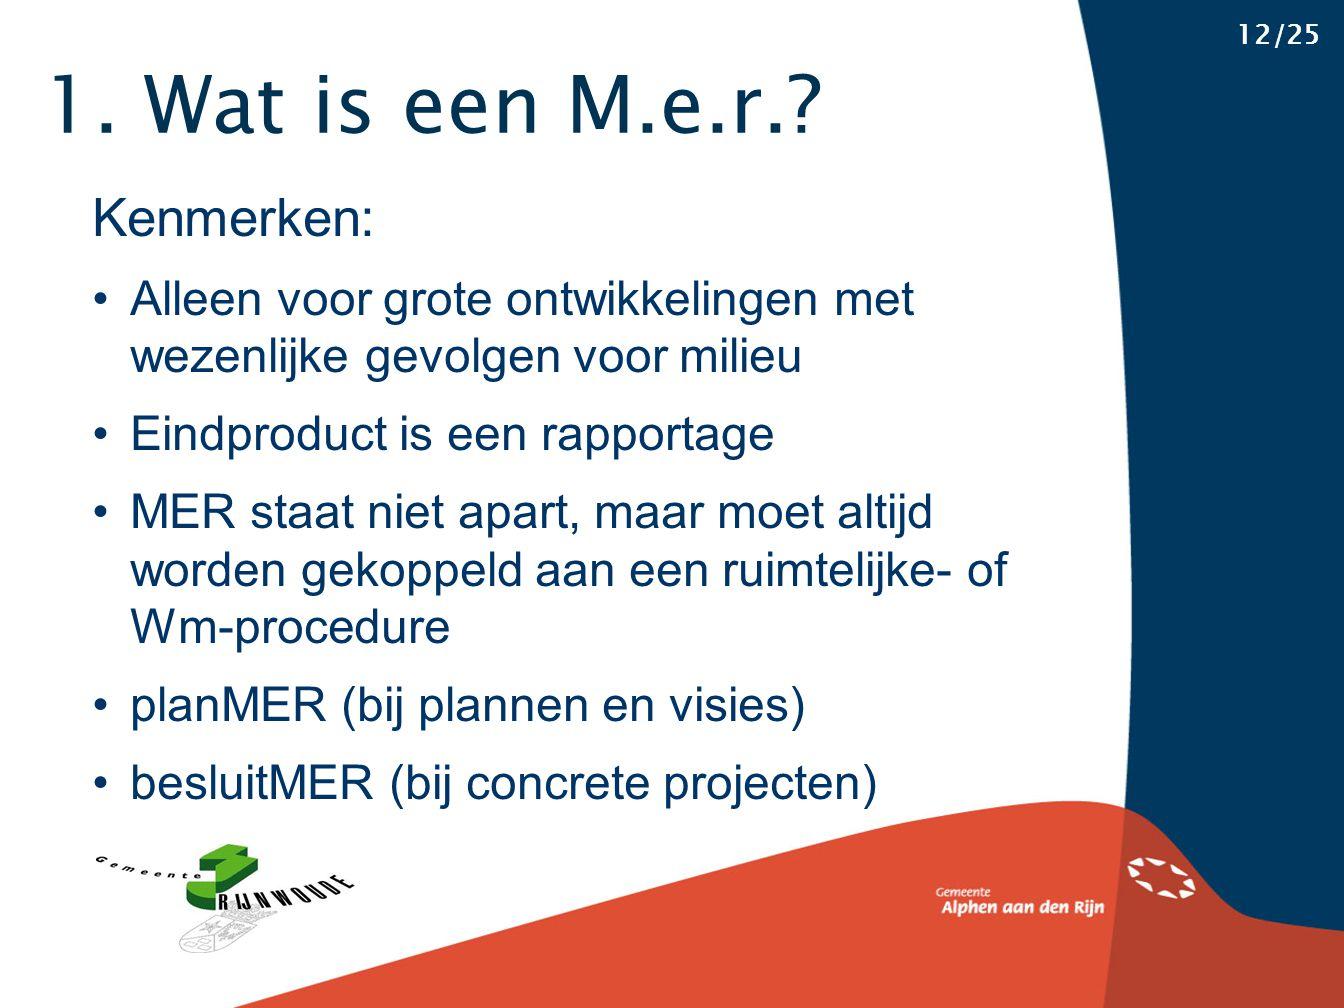 1. Wat is een M.e.r..